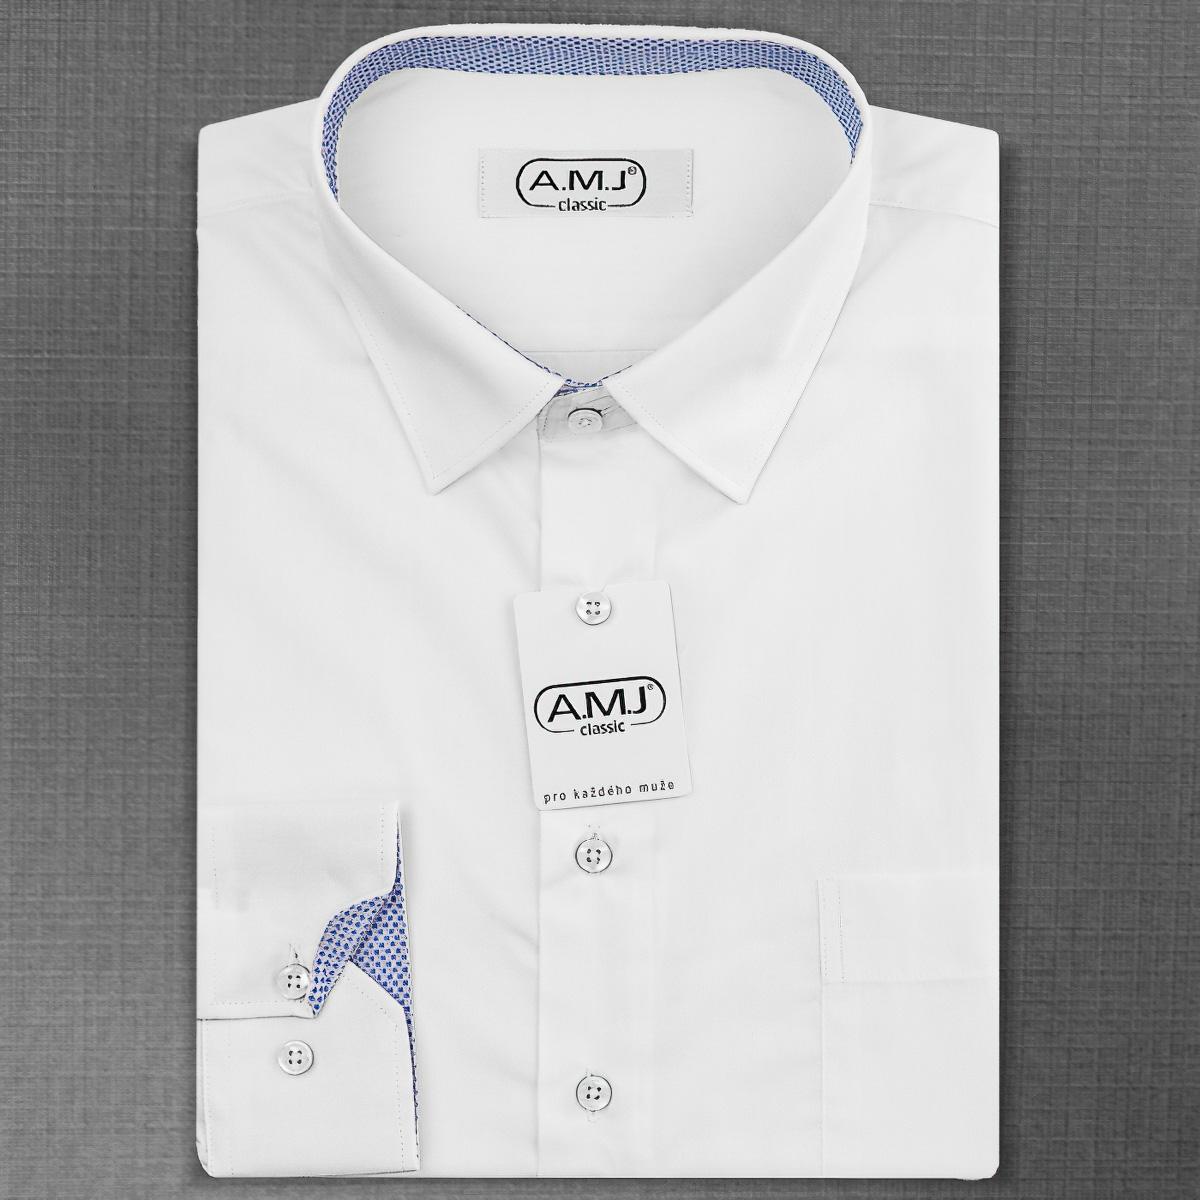 Pánská košile AMJ jednobarevná JDR18/19, bílá, dlouhý rukáv